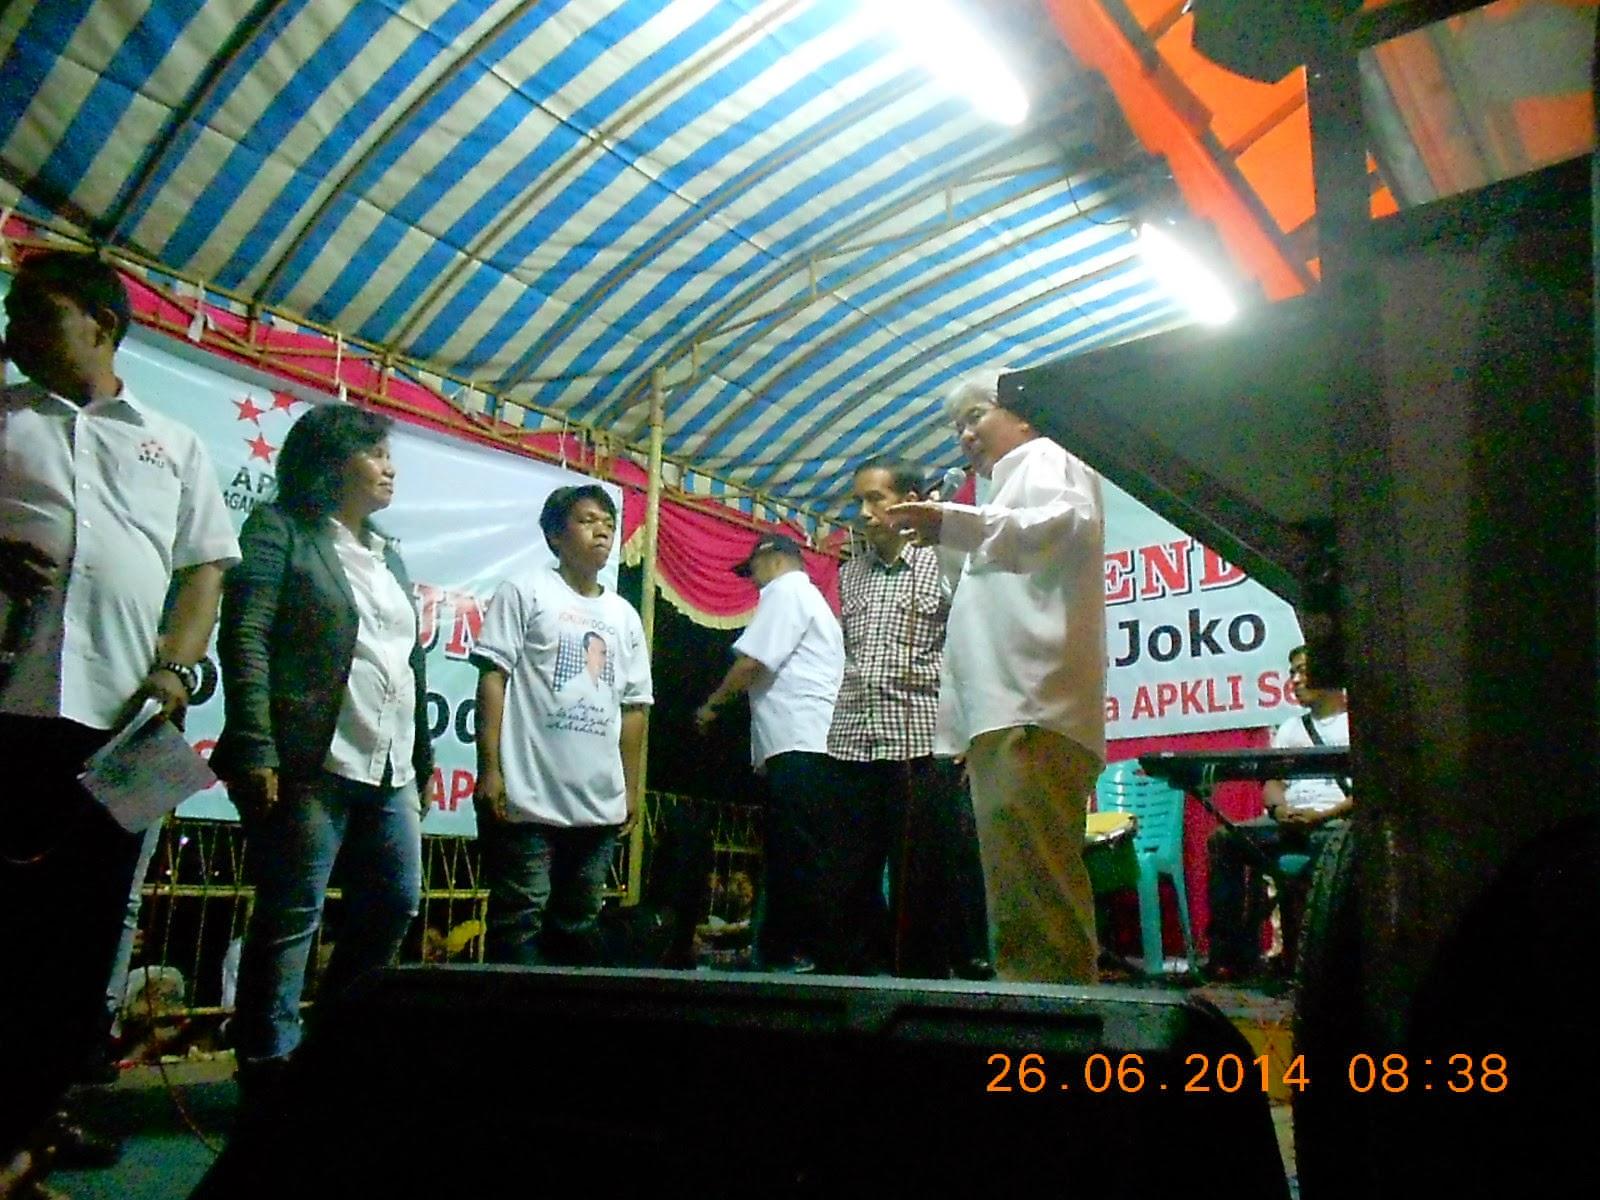 Hoiza Siregar, Ir.Heru J. Juwono dan Jokowidodo sedang naik panggung di acara APKLI